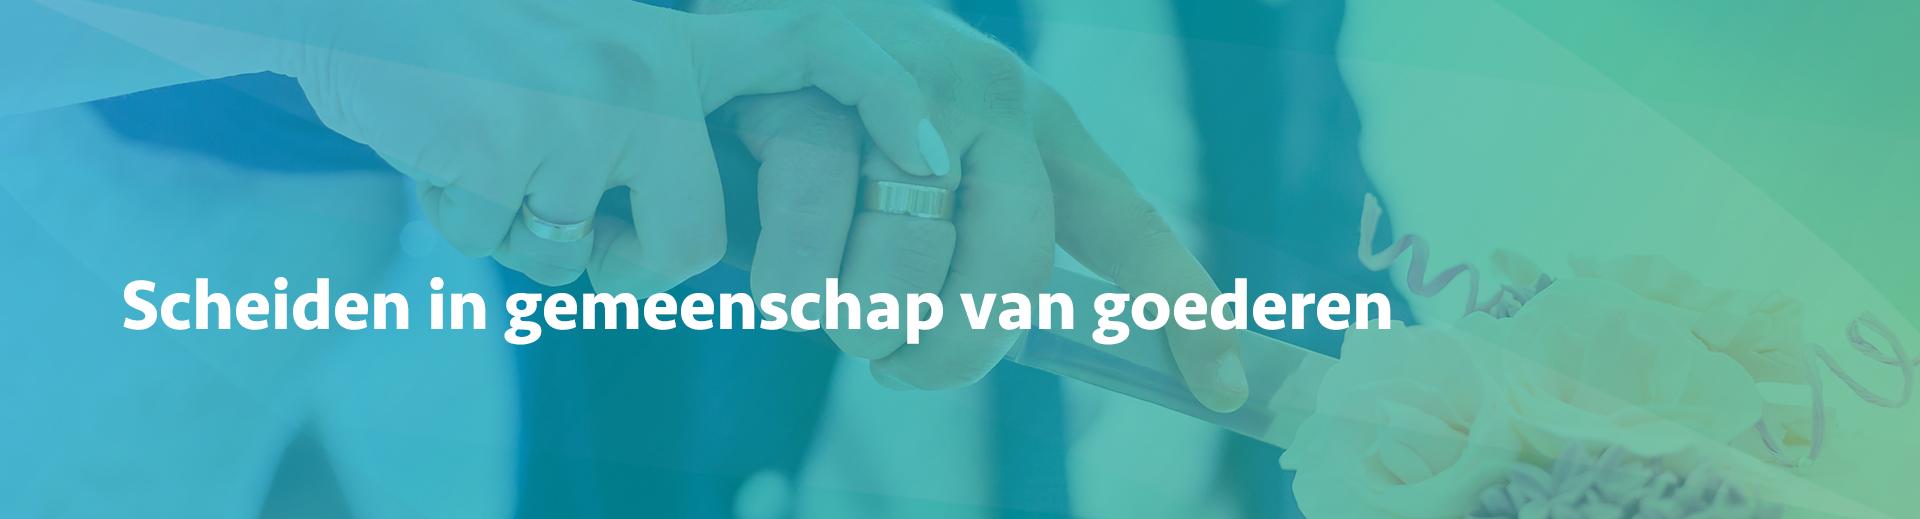 scheiden in gemeenschap van goederen - Scheidingsplanner Maastricht - Heerlen - Gulpen